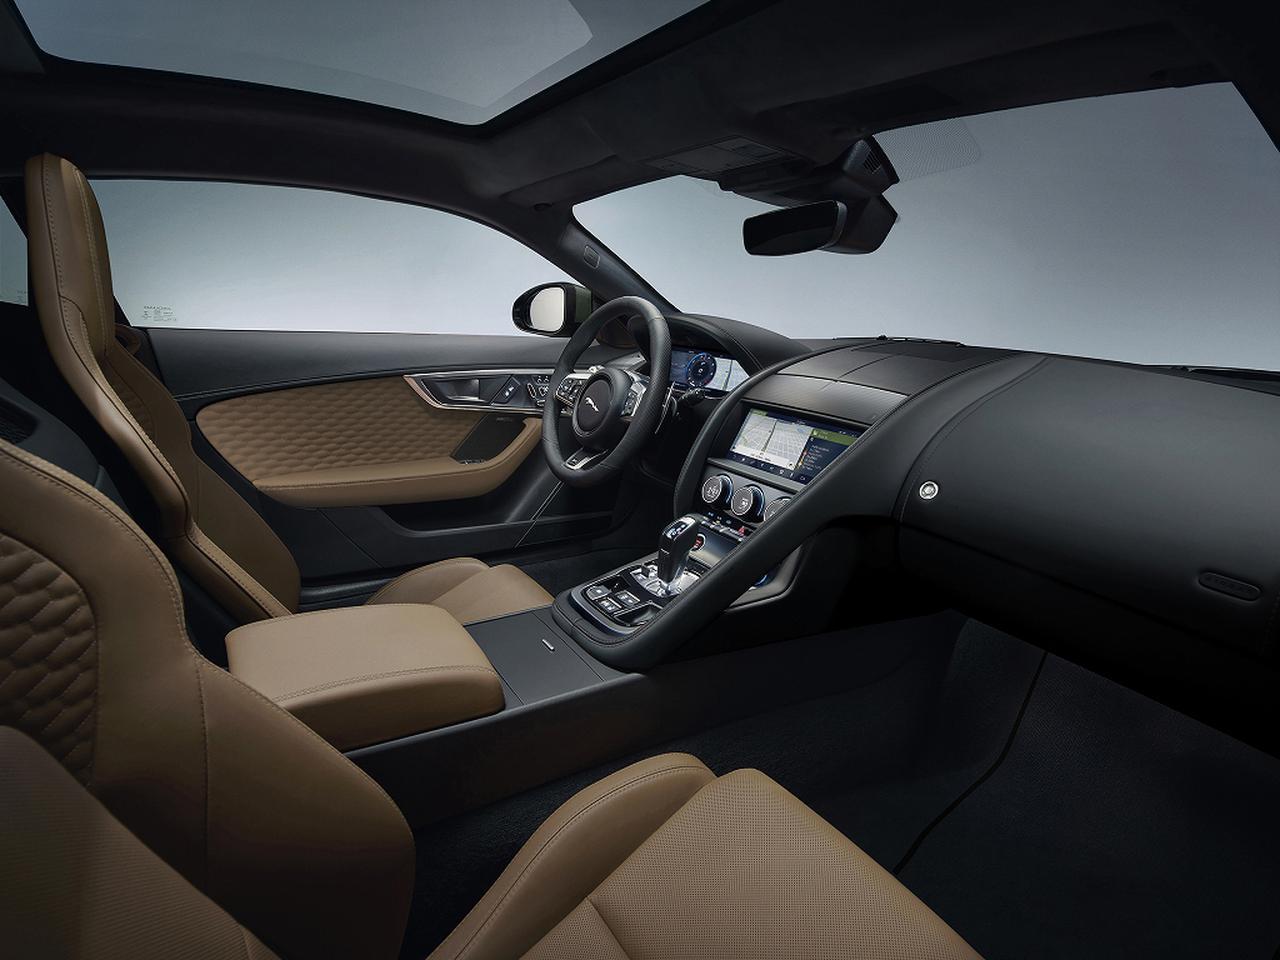 画像: SVビスポークが世界限定60台で生産するFタイプ ヘリテージ 60 エディション。インテリアは「キャラウェイ/エボニー」のドュオトーンウィンザーレザー。